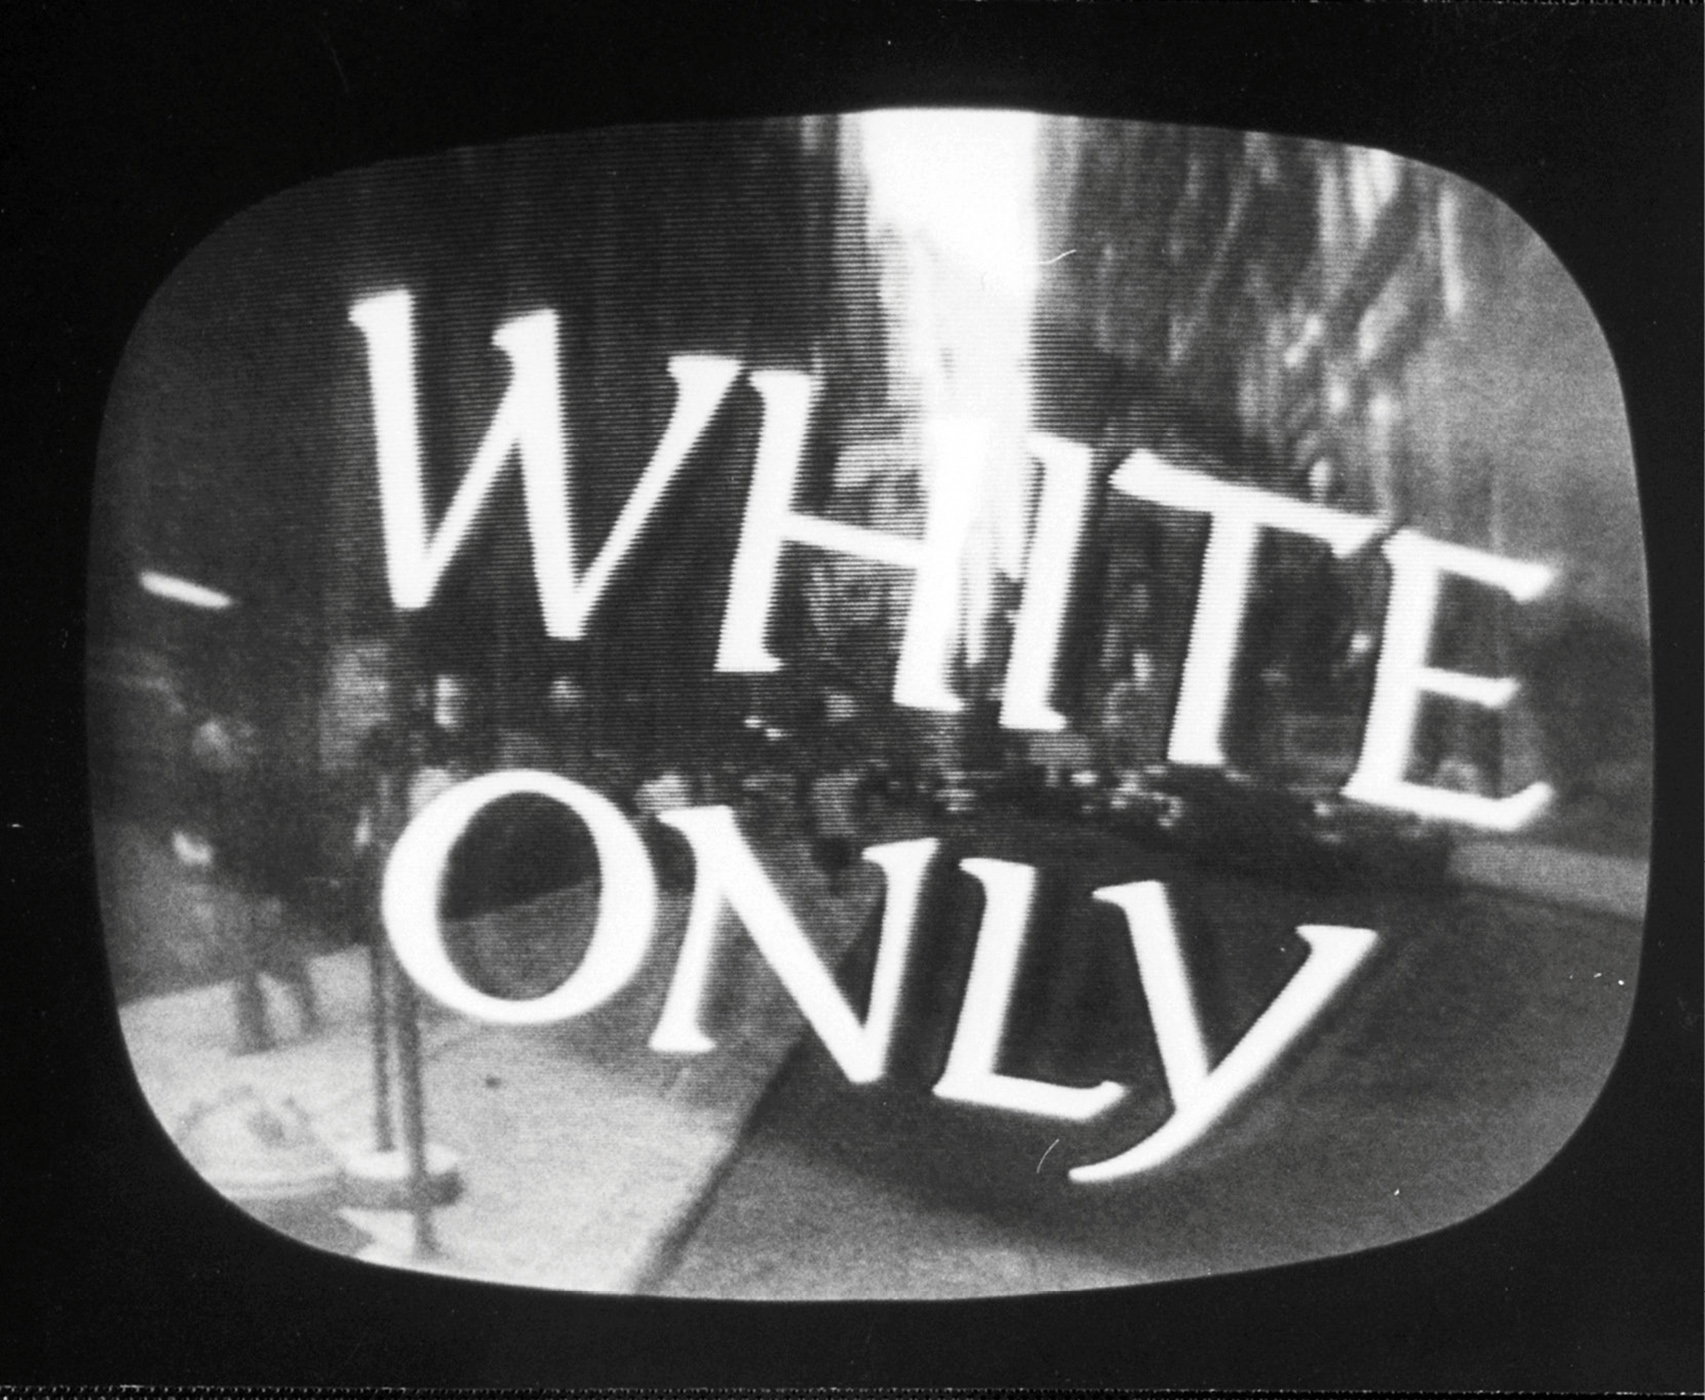 在世界进入大众传播时代后,对立政权之间的 意识形态战相当频繁。图为冷战时期苏联电视 节目对美国种族主义的攻击。